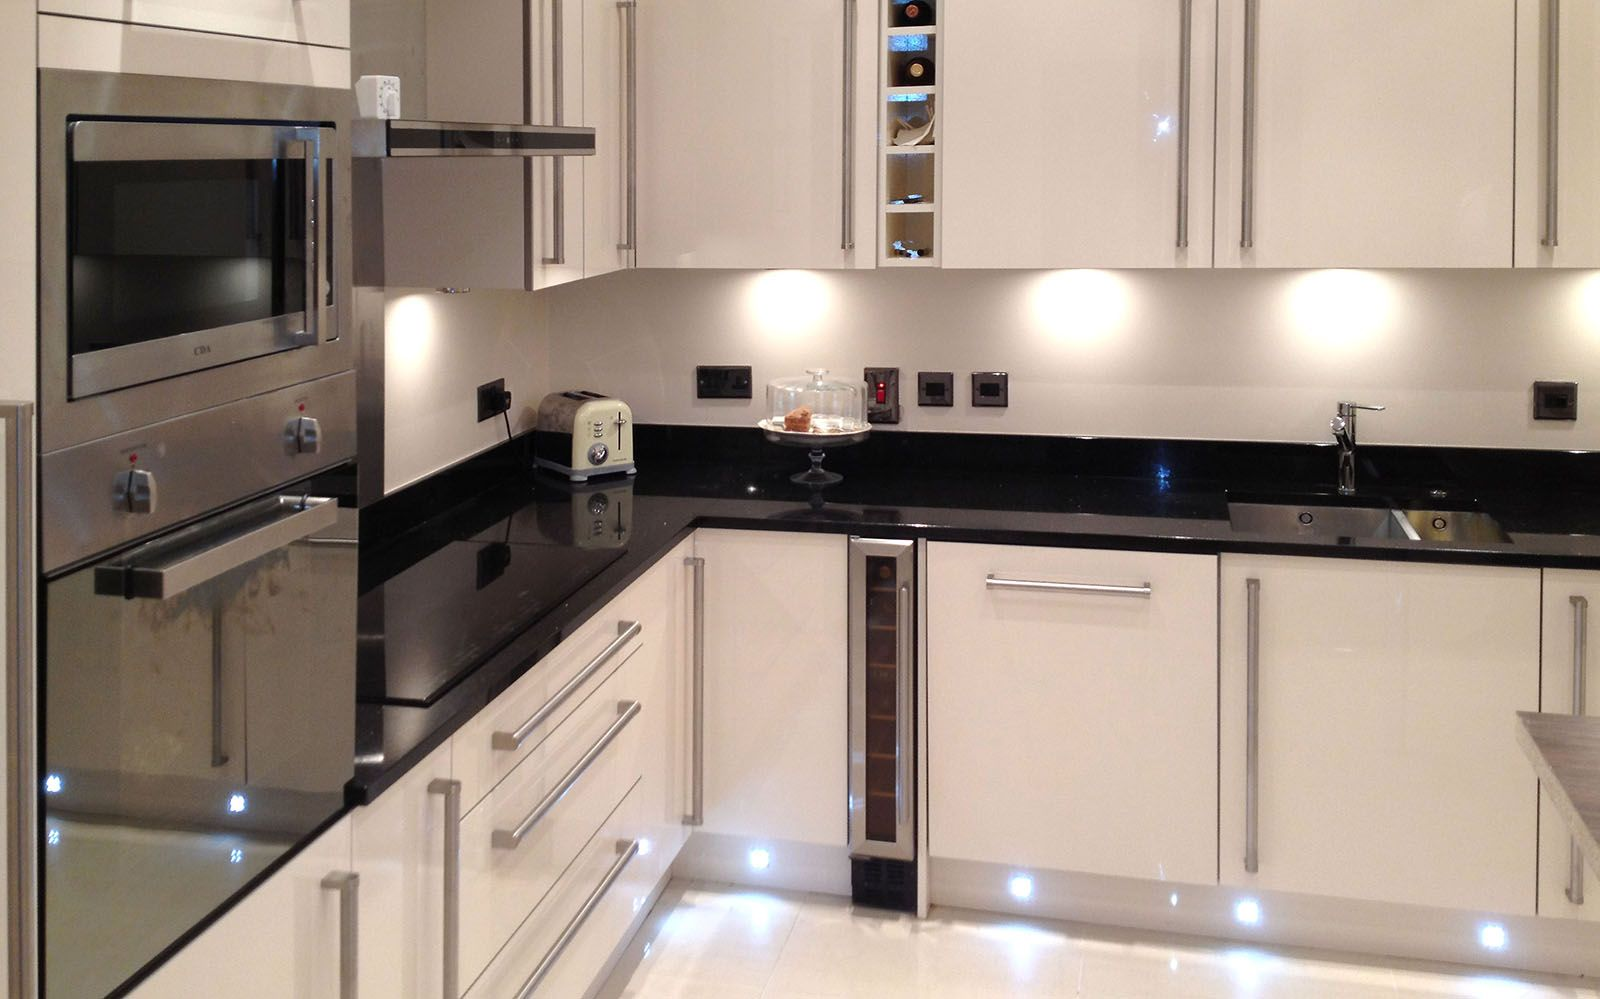 Download Wallpaper High Gloss White Kitchen Plinth